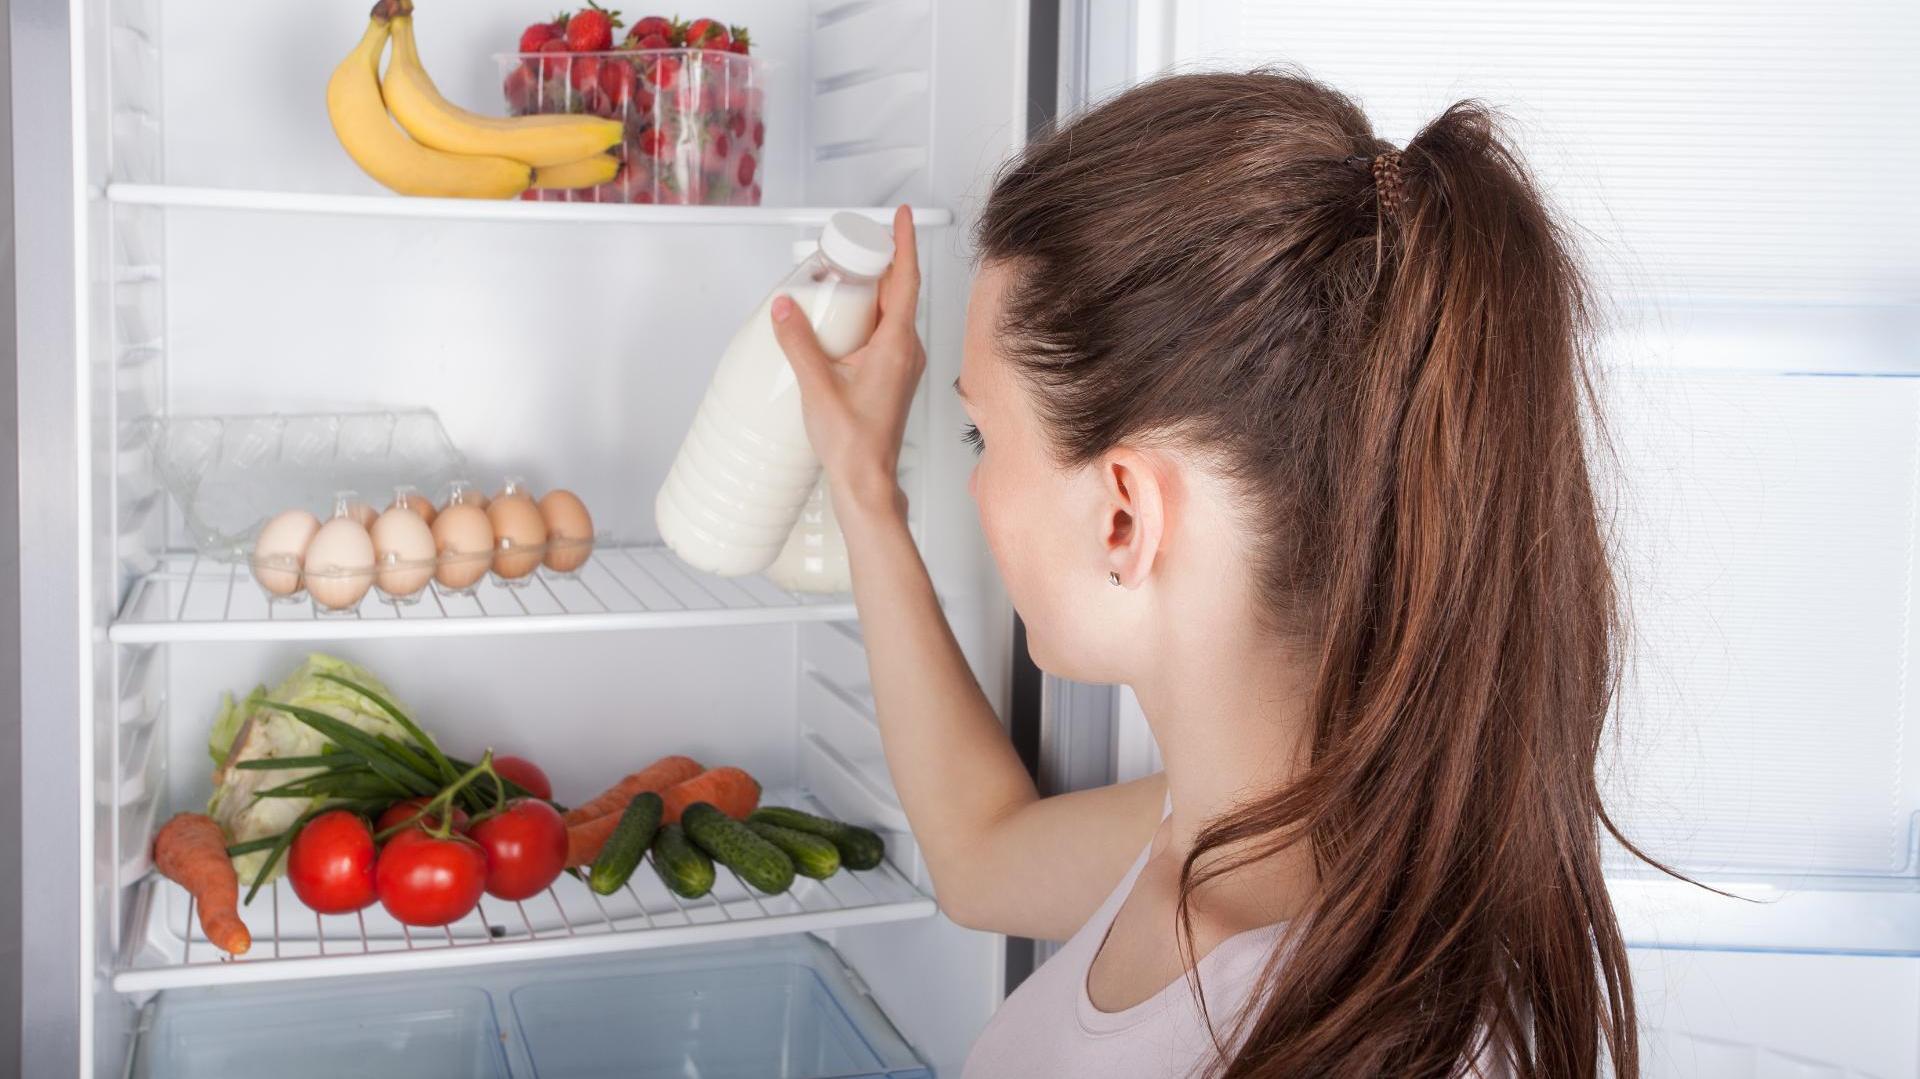 Как избавиться от запаха тухлого мяса в холодильнике: обзор средств